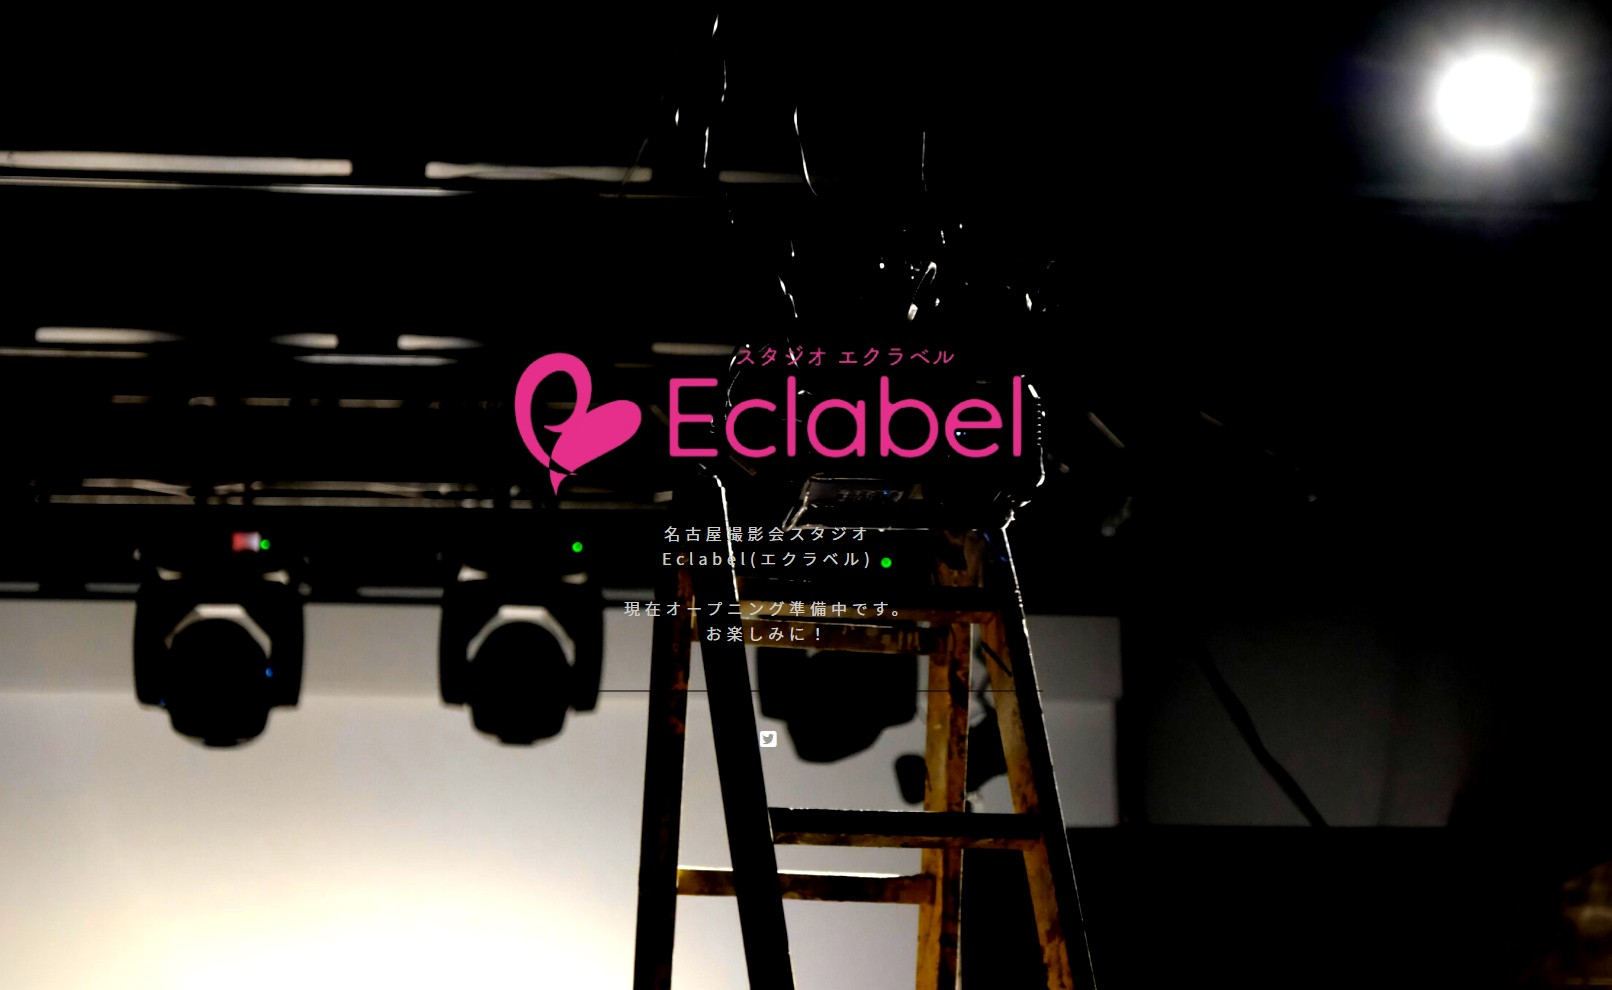 Eclabel